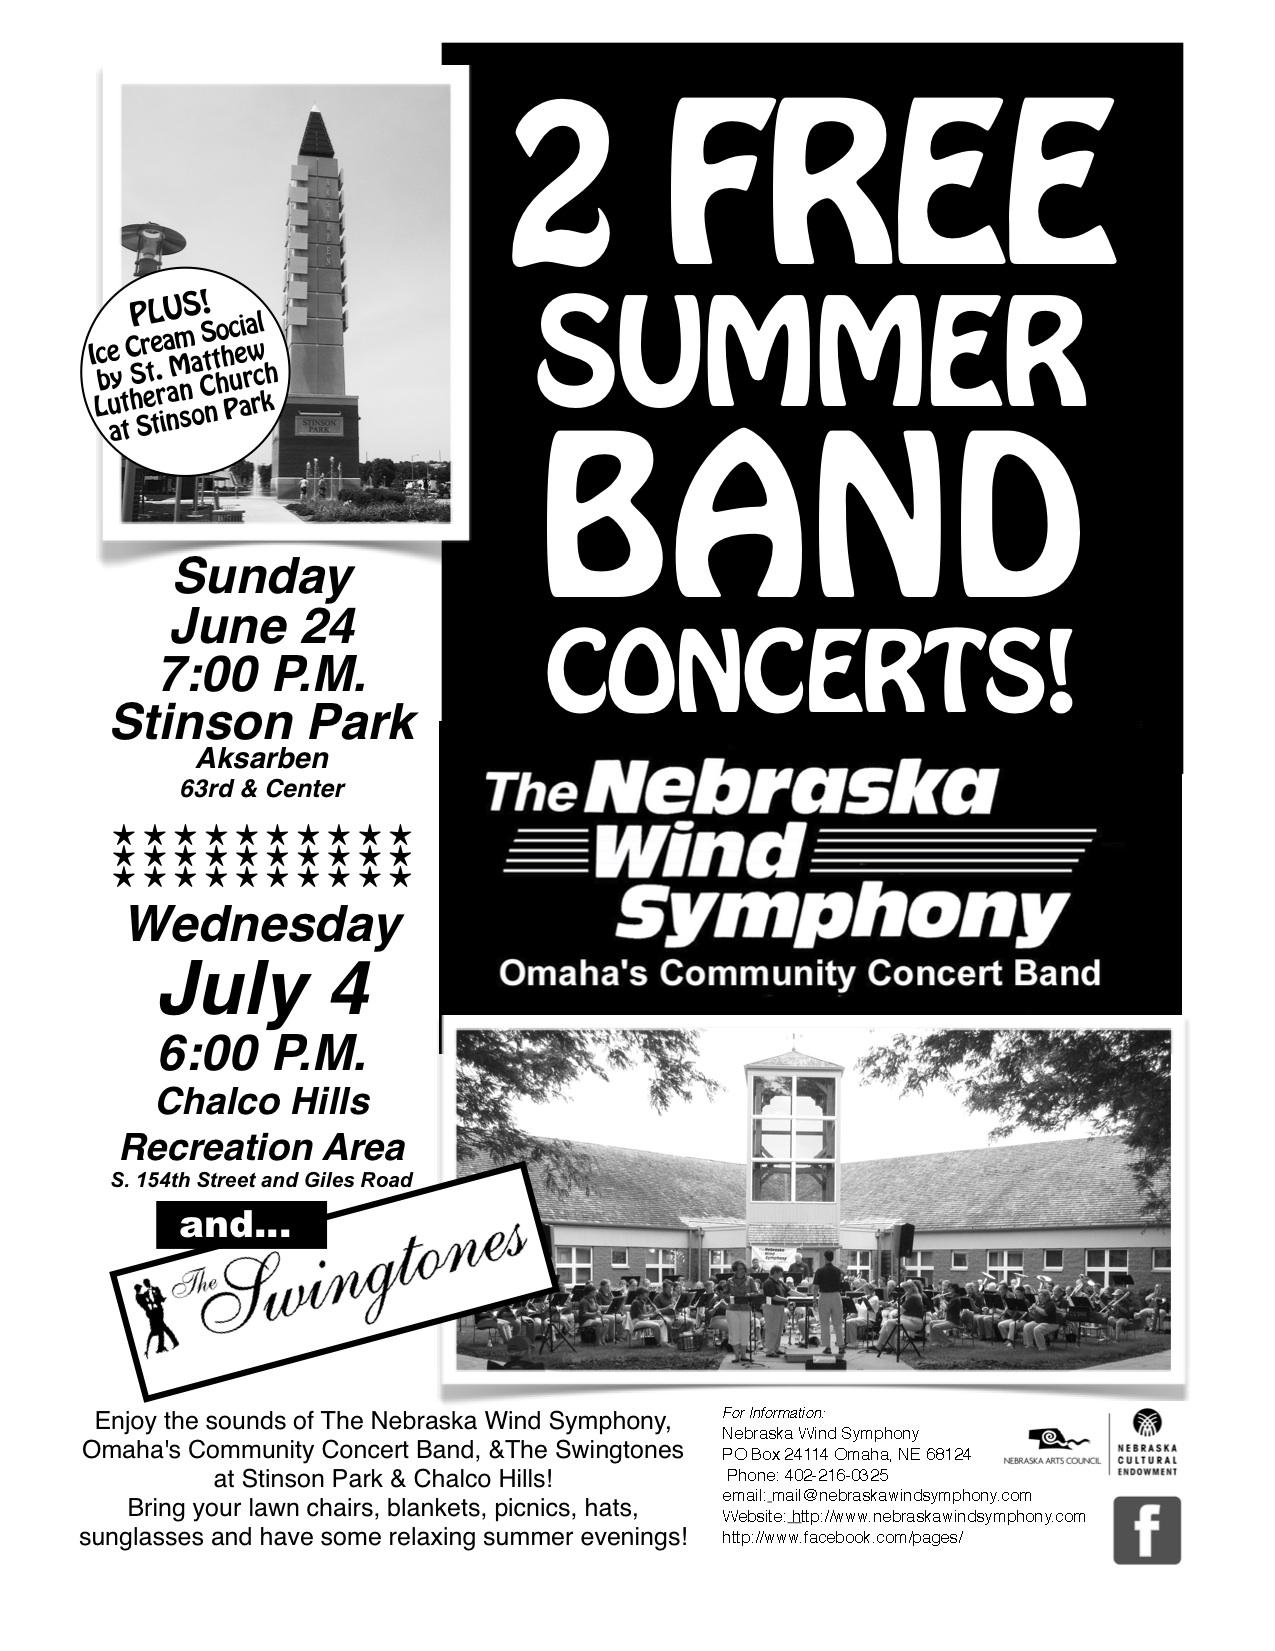 NWS Summer 2012 Concerts Flyer